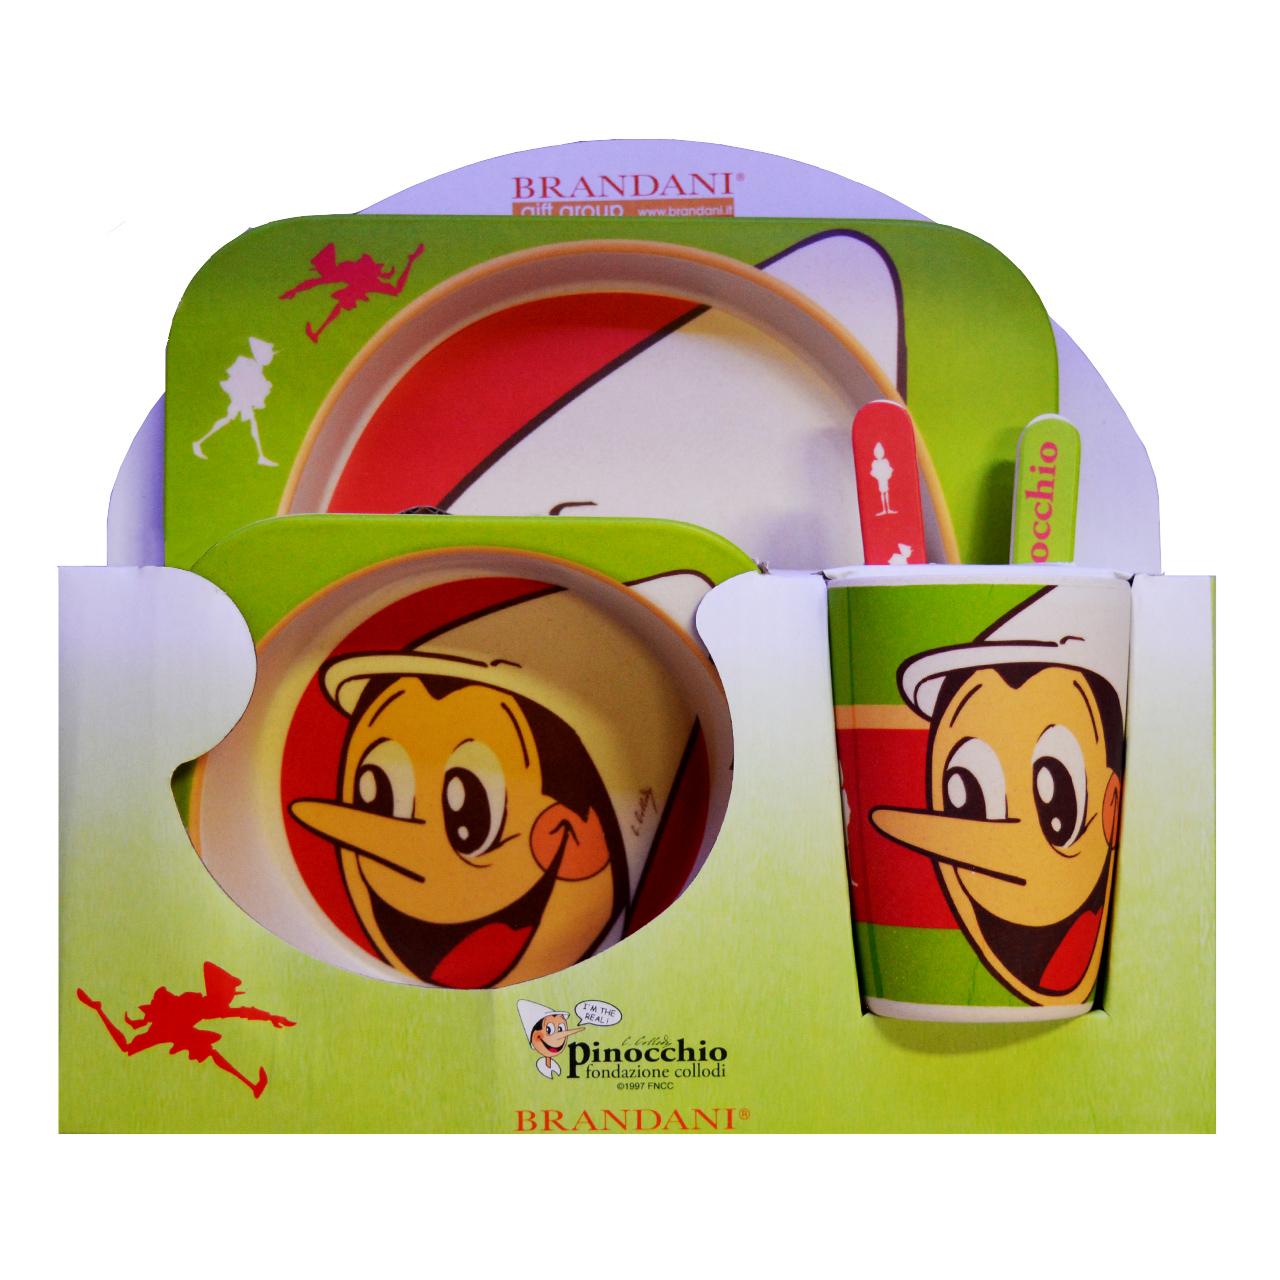 ست 5 تکه ظرف غذا کودک مدل پینوکیو